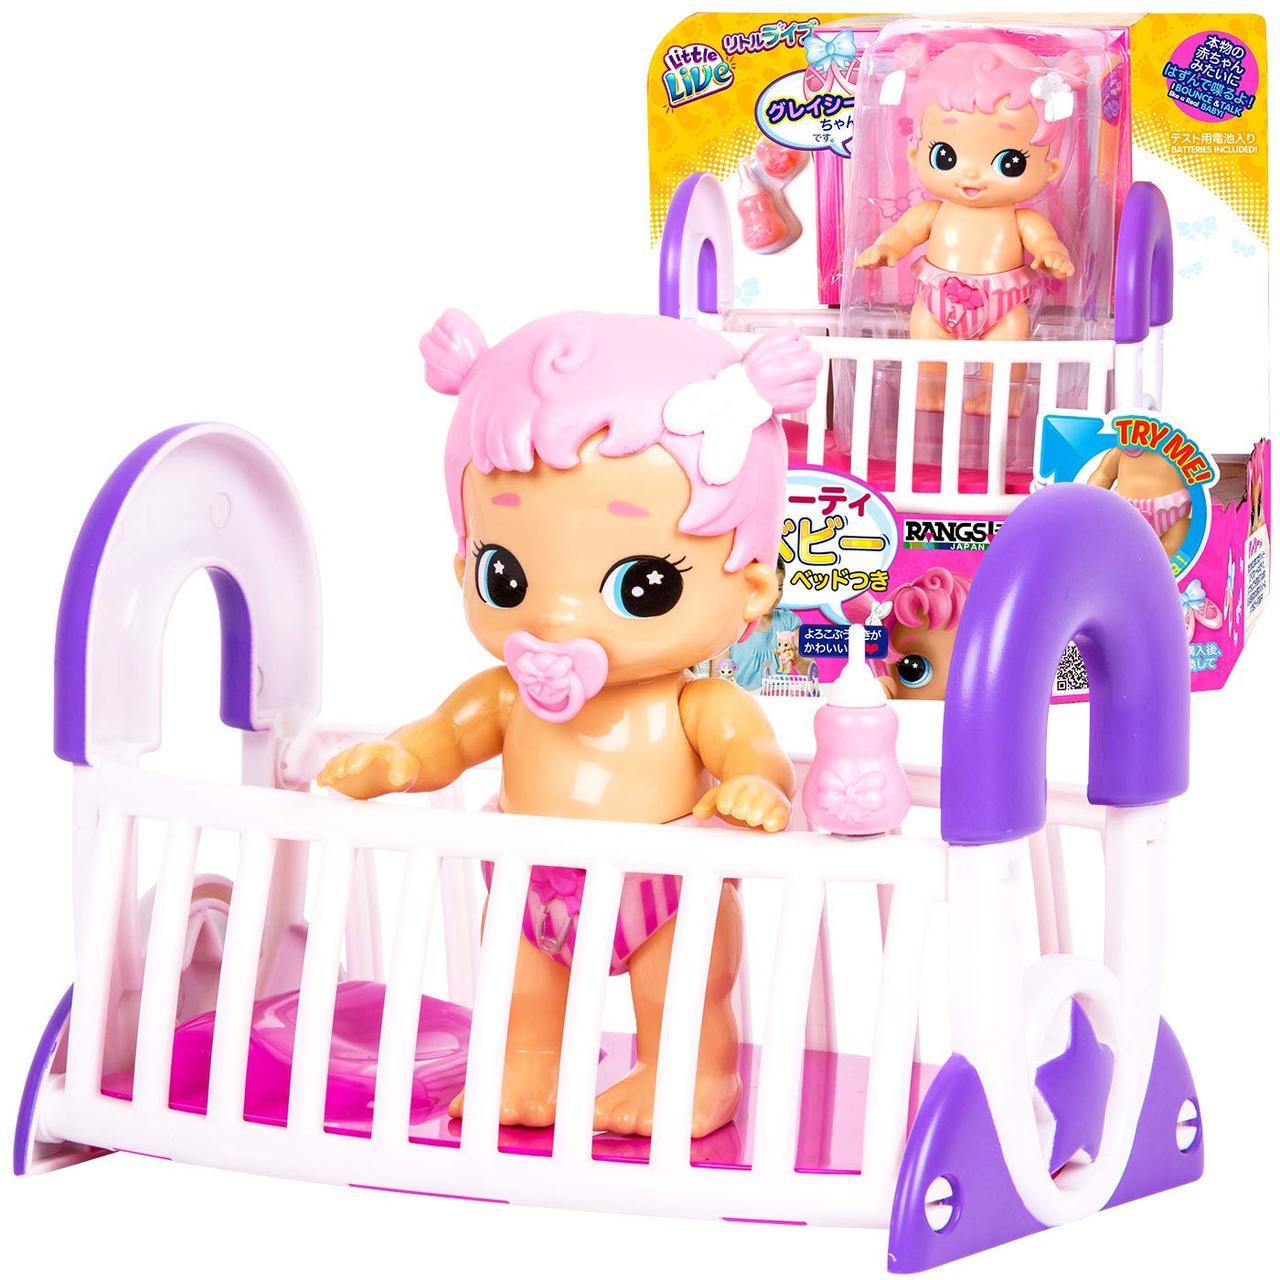 Интерактивная куколка, прыгает в кроватке Little Live Bizzy Bubs Bouncing Baby Gracie, Moose Оригинал из США